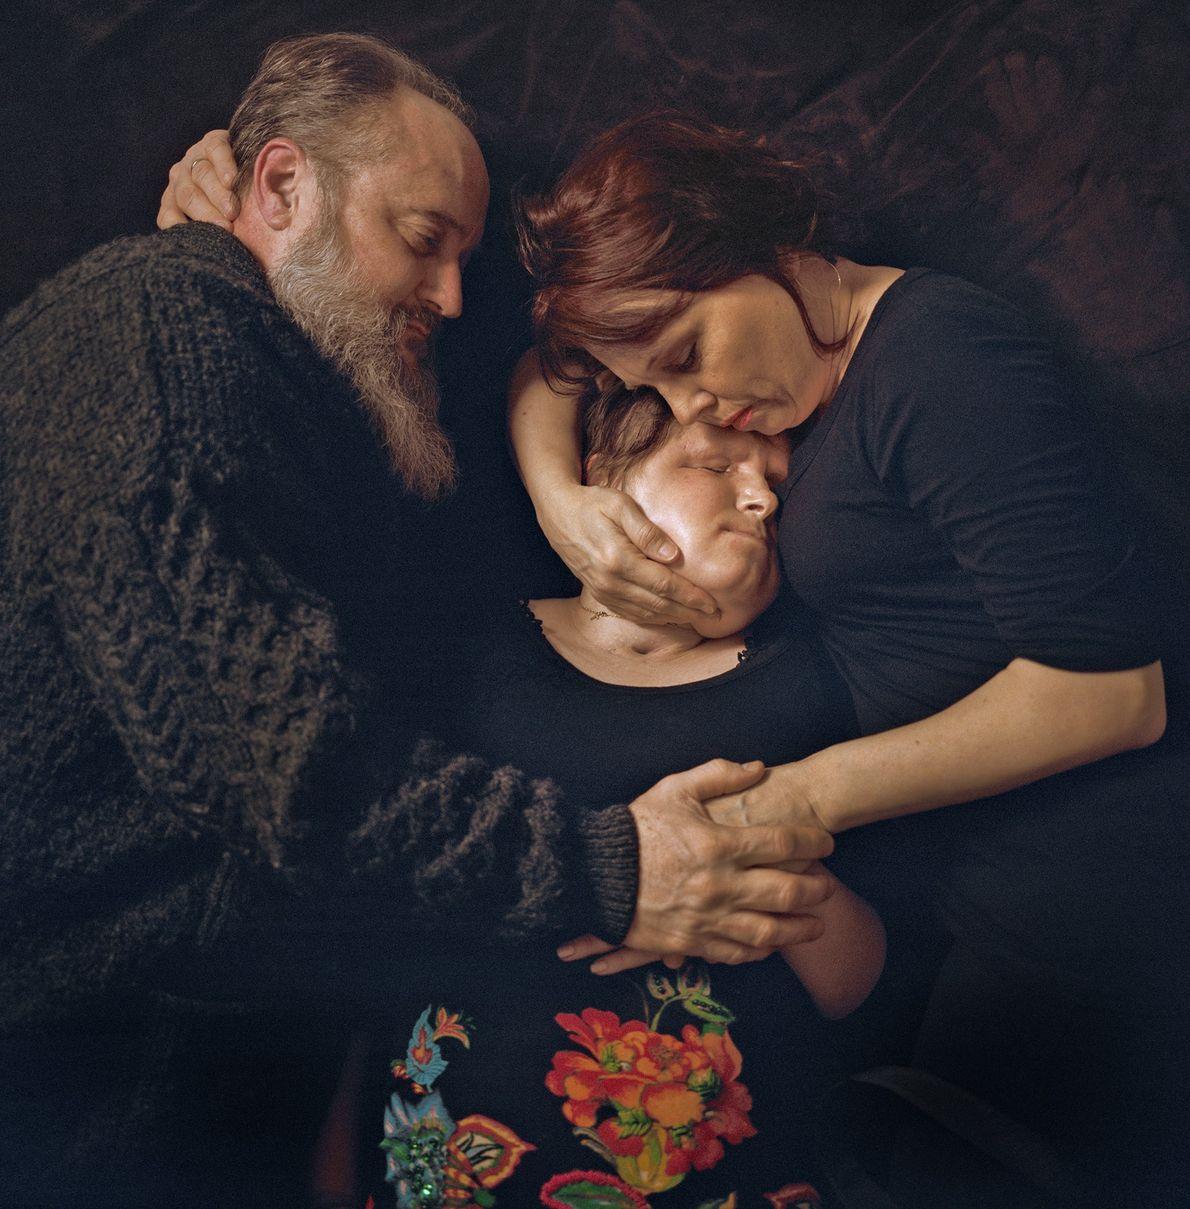 Decididos a ayudar a su hija a vivir una vida normal y feliz, Robb y Alesia ...